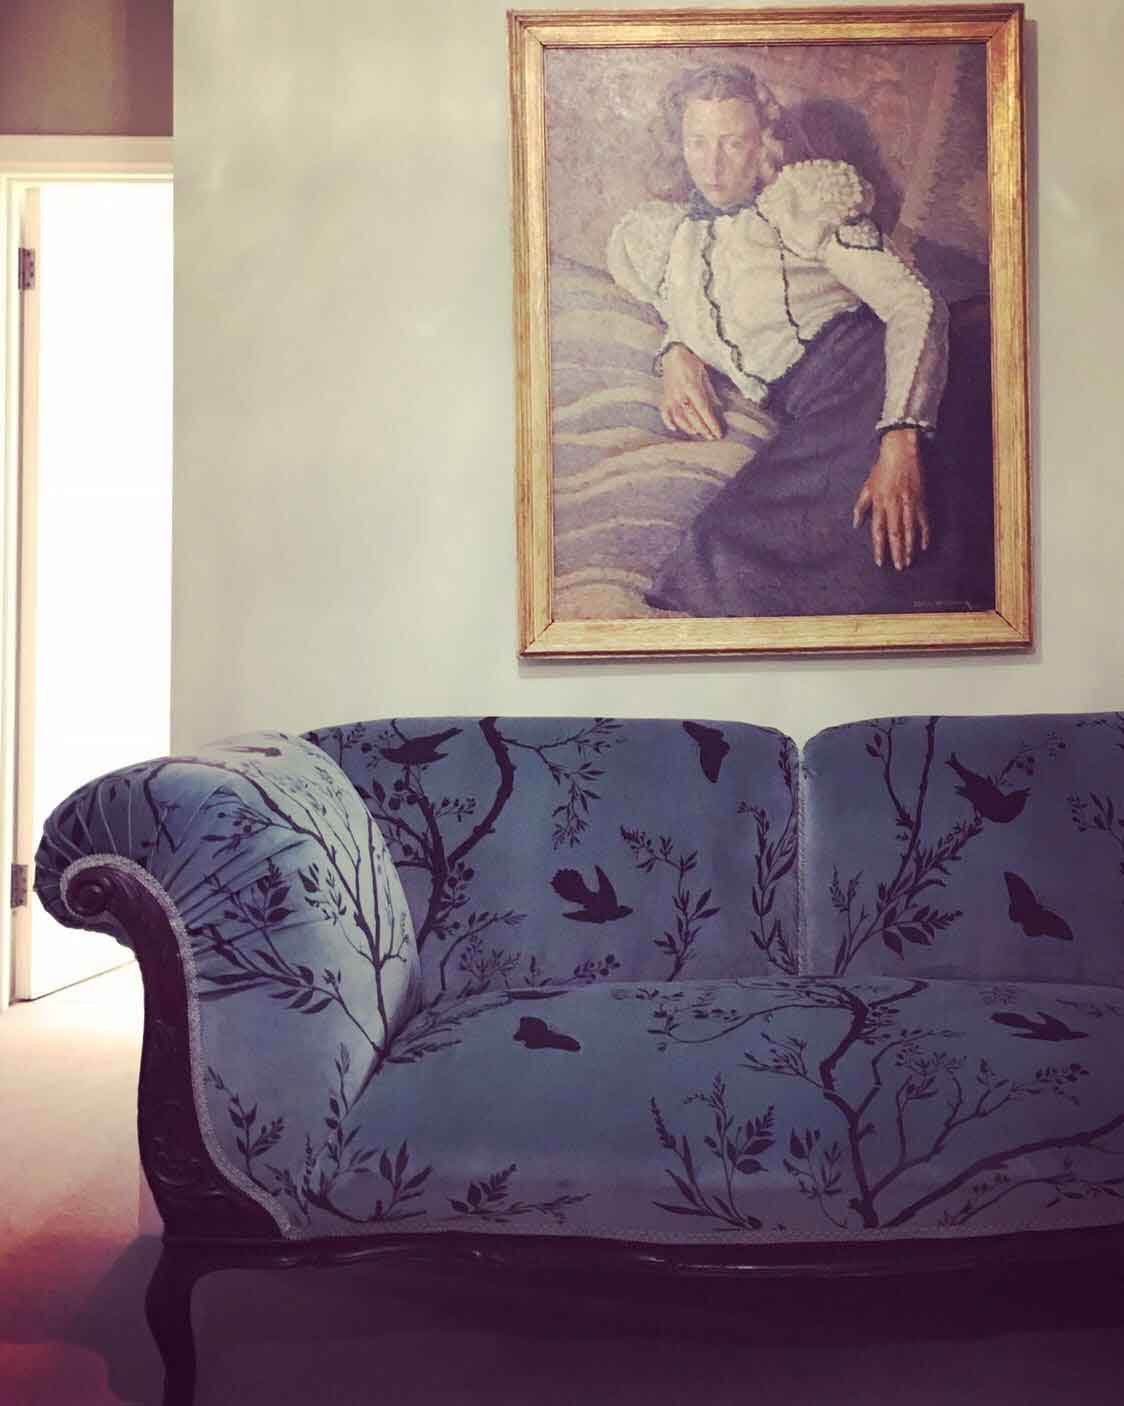 Antique sofa upholstered in bird branch velvet by timorous beasties